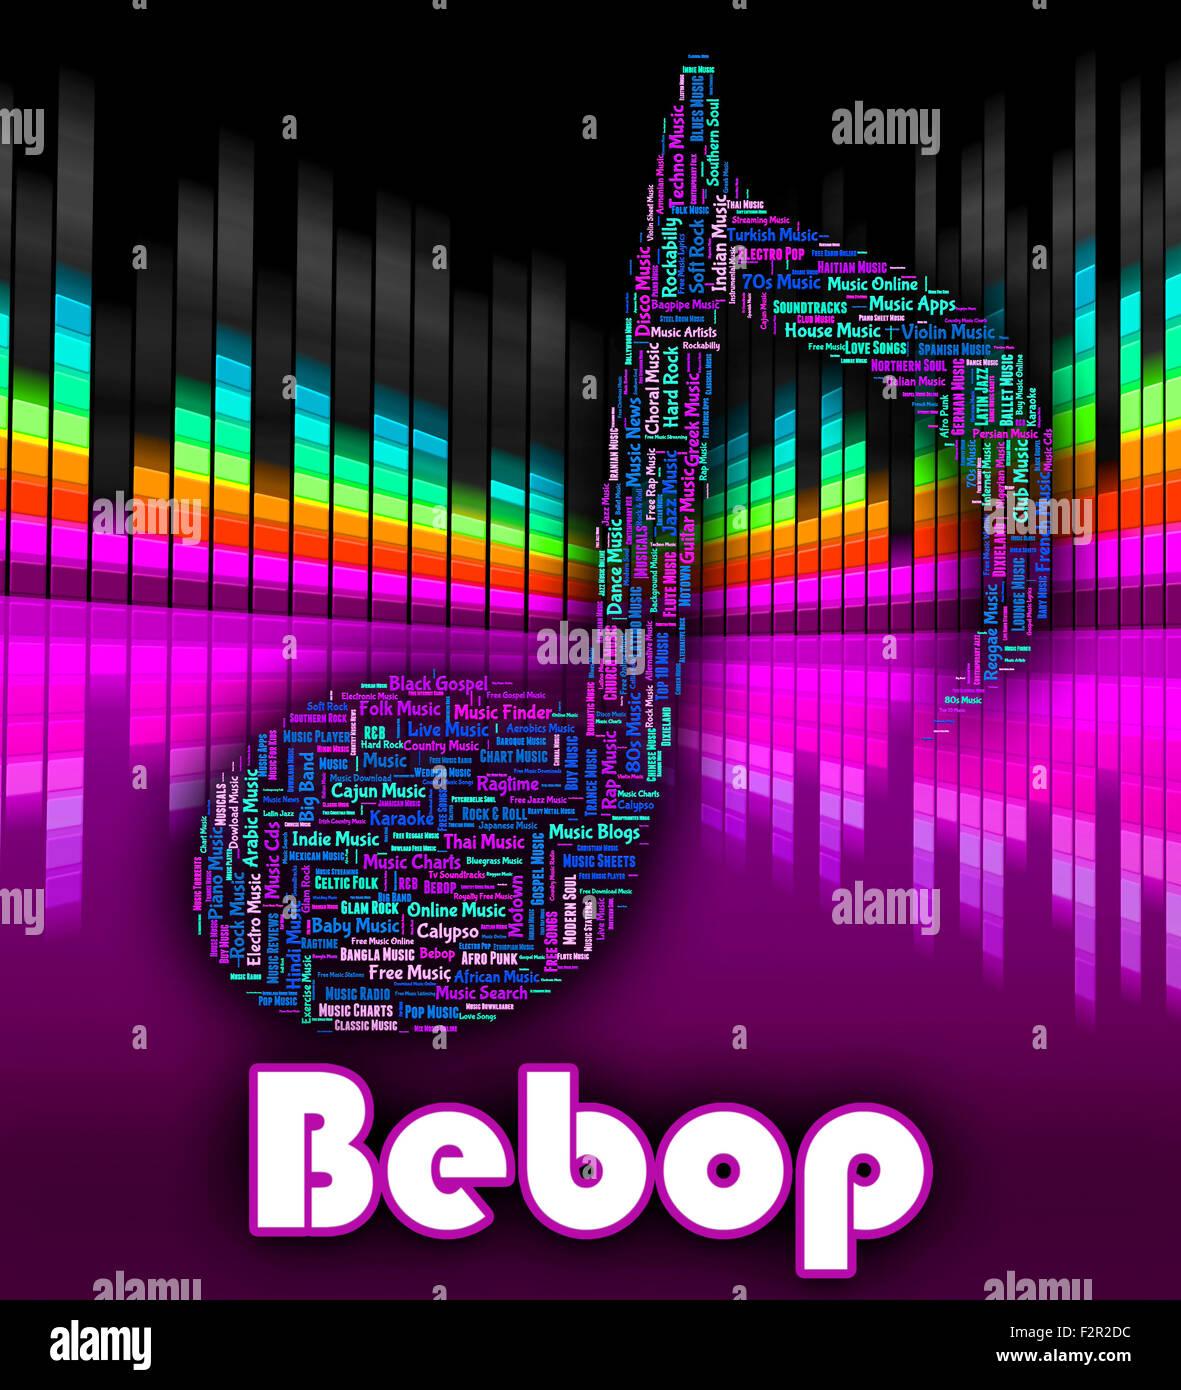 Bebopping